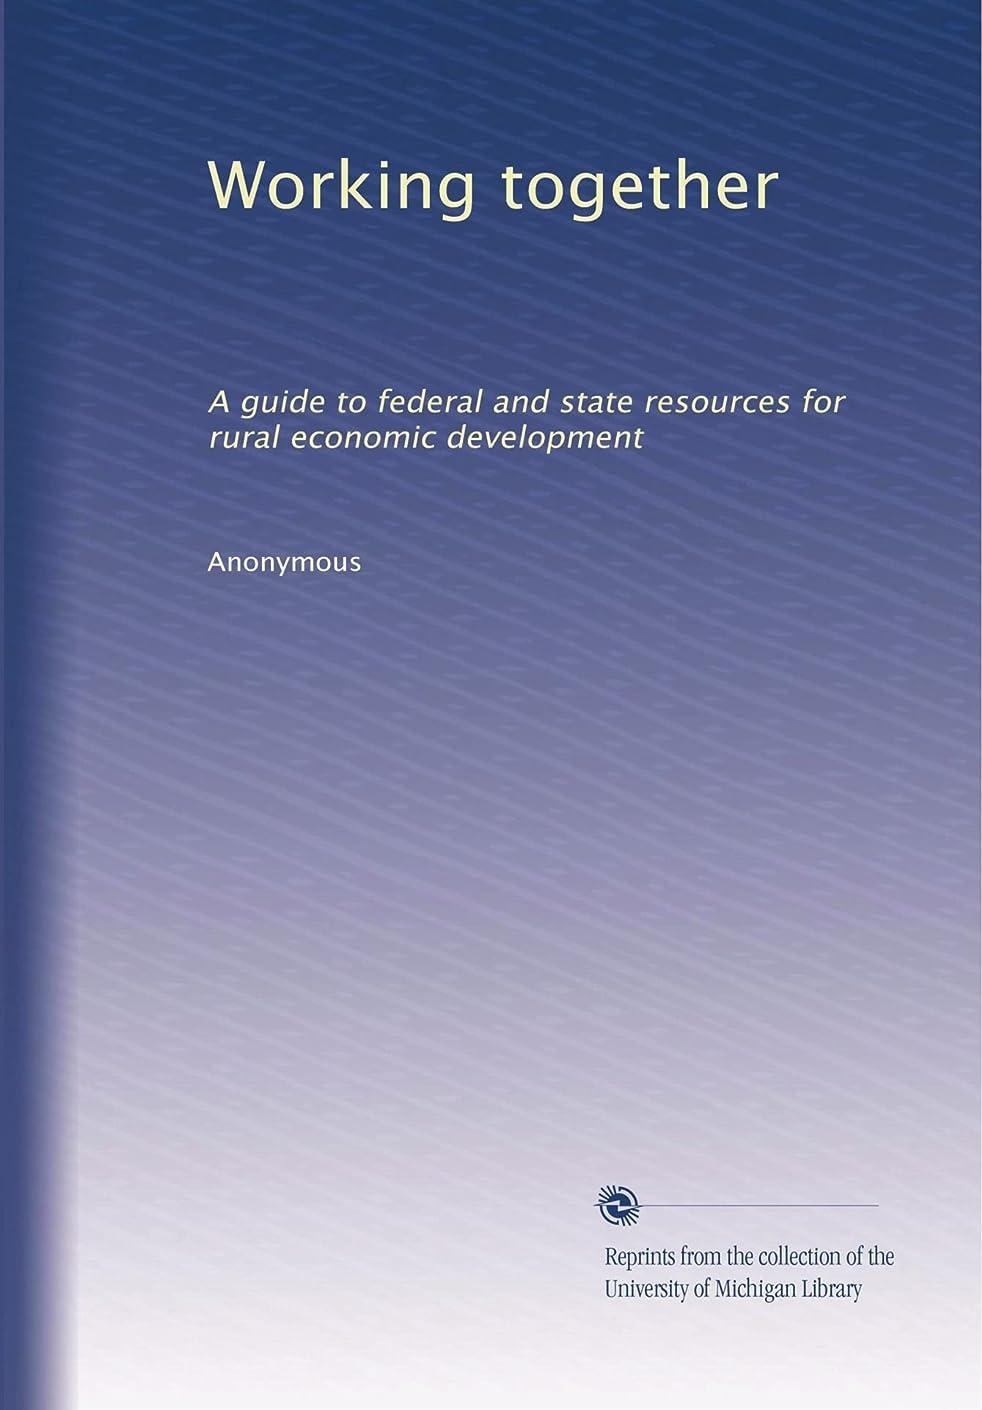 ジャンク等昨日Working together: A guide to federal and state resources for rural economic development